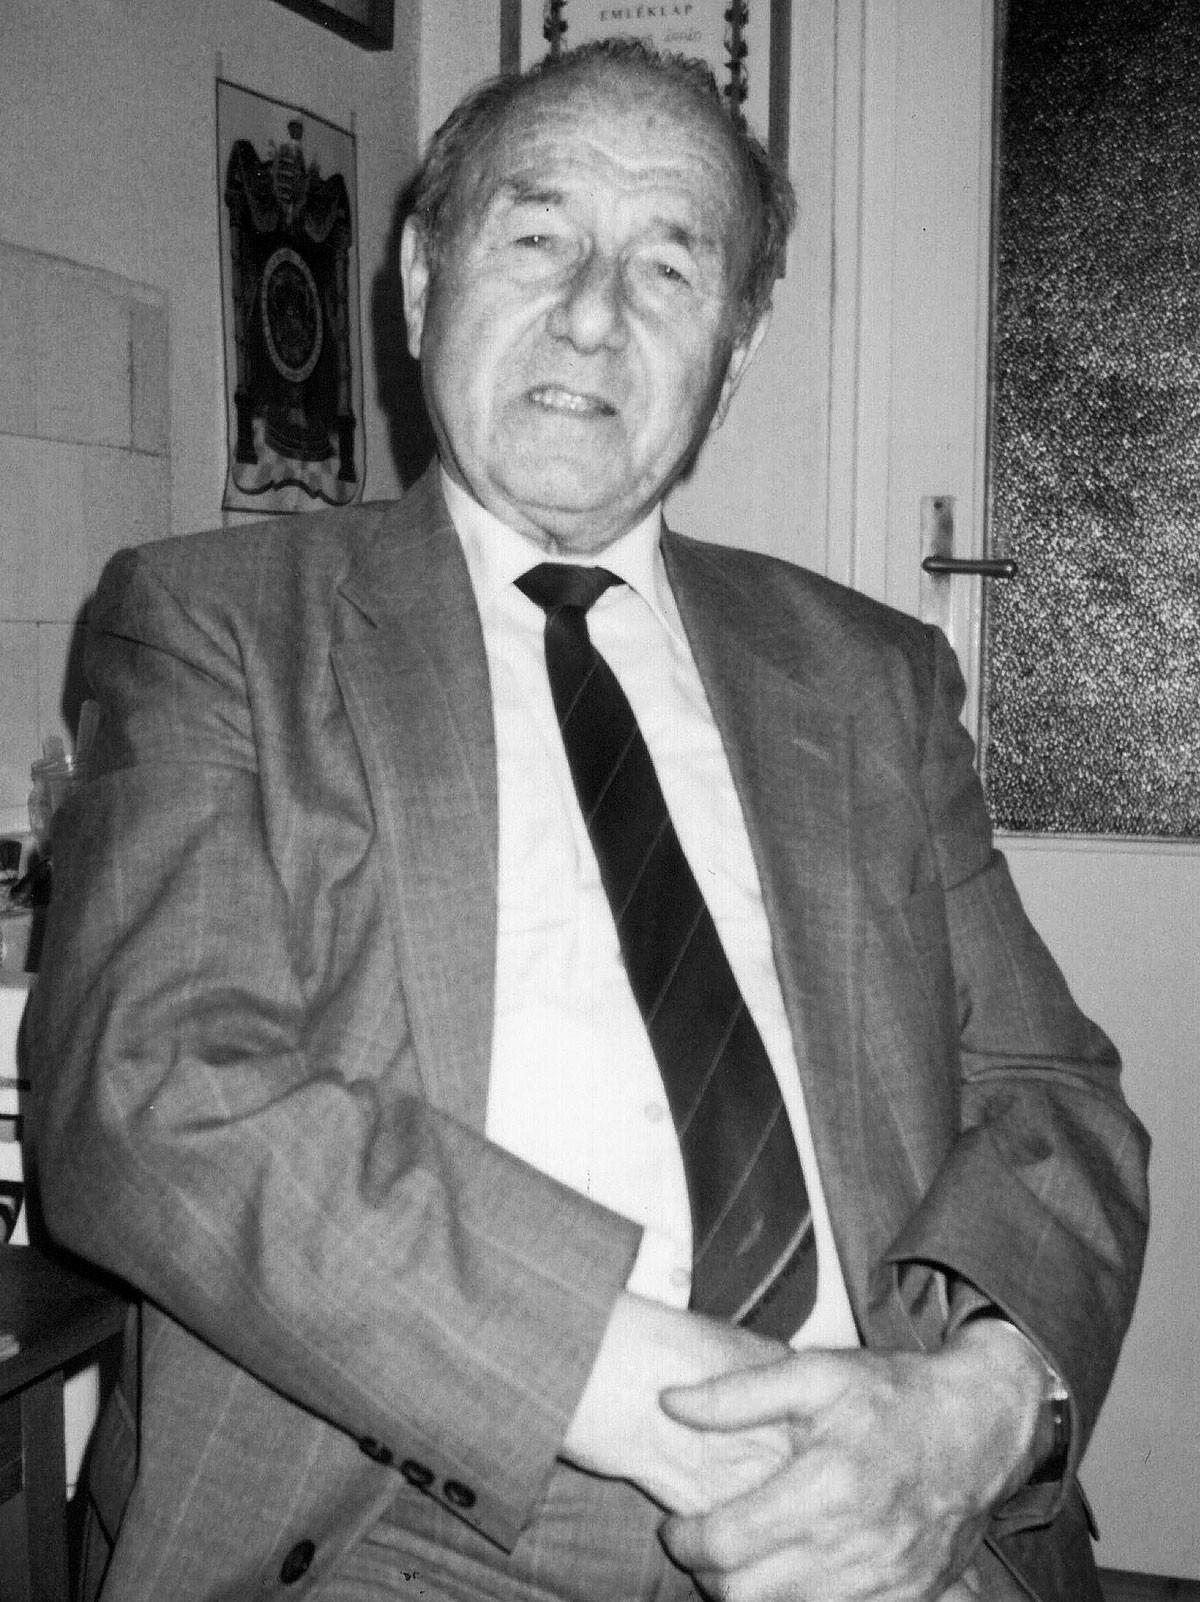 Az egykori záhonyi állomás-főnök Oslóban, a kitüntetése átvétele után